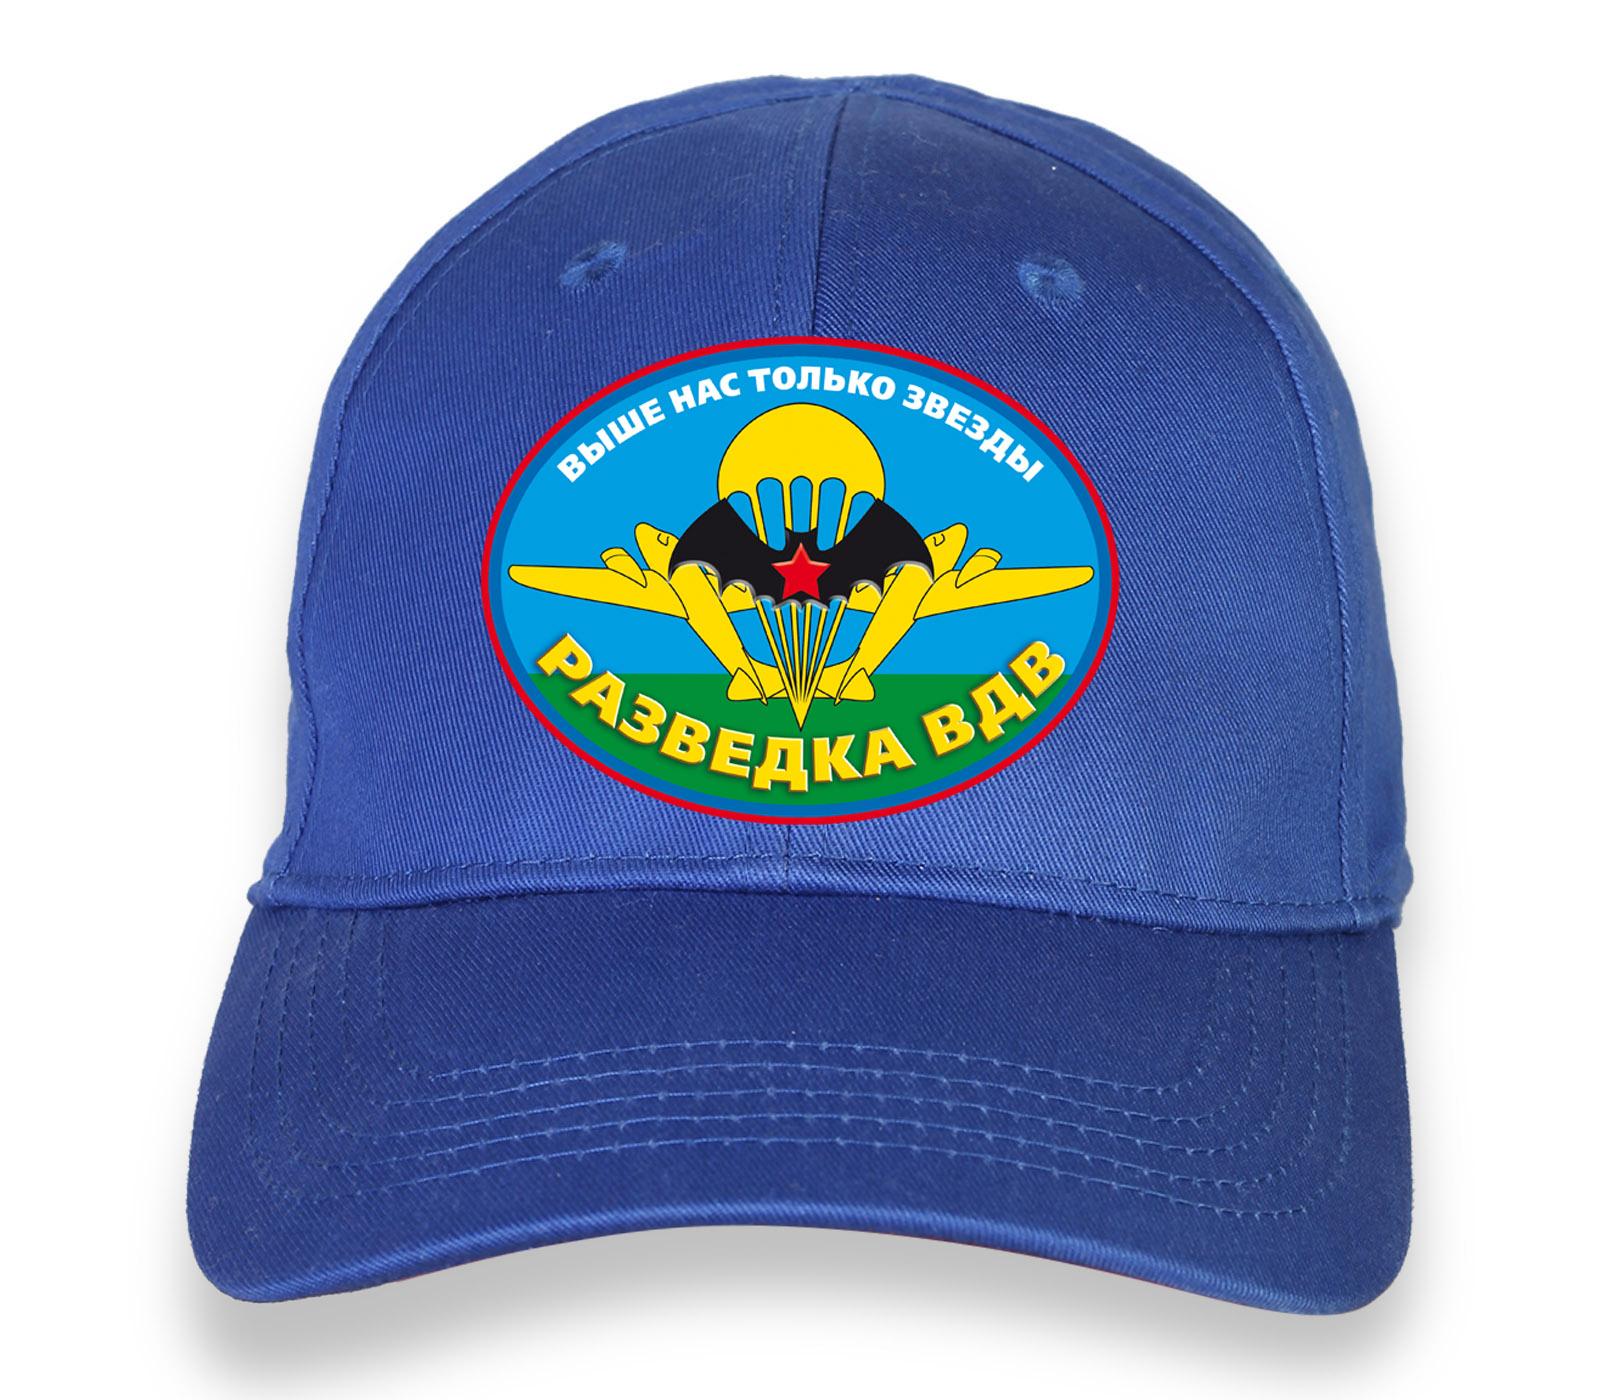 Купить летнюю ярко-синюю бейсболку с термонаклейкой Разведка ВДВ с доставкой